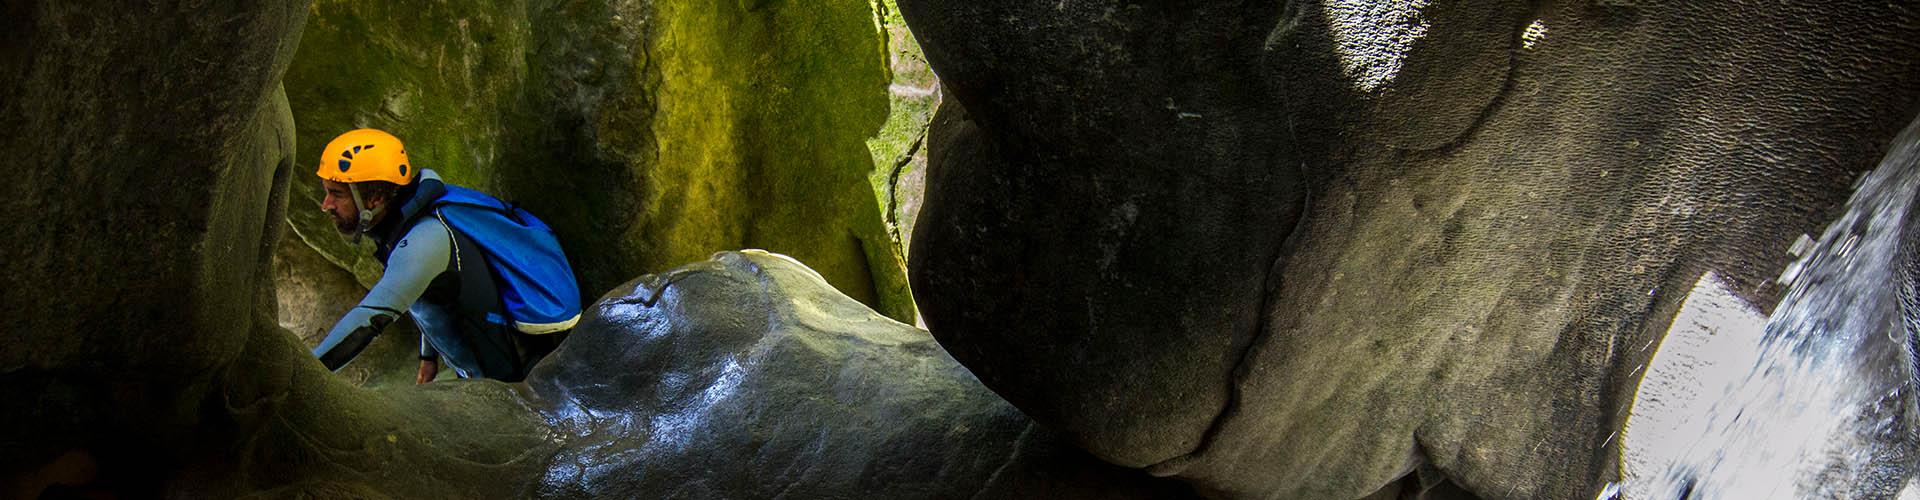 descenso de barrancos sierra de guara